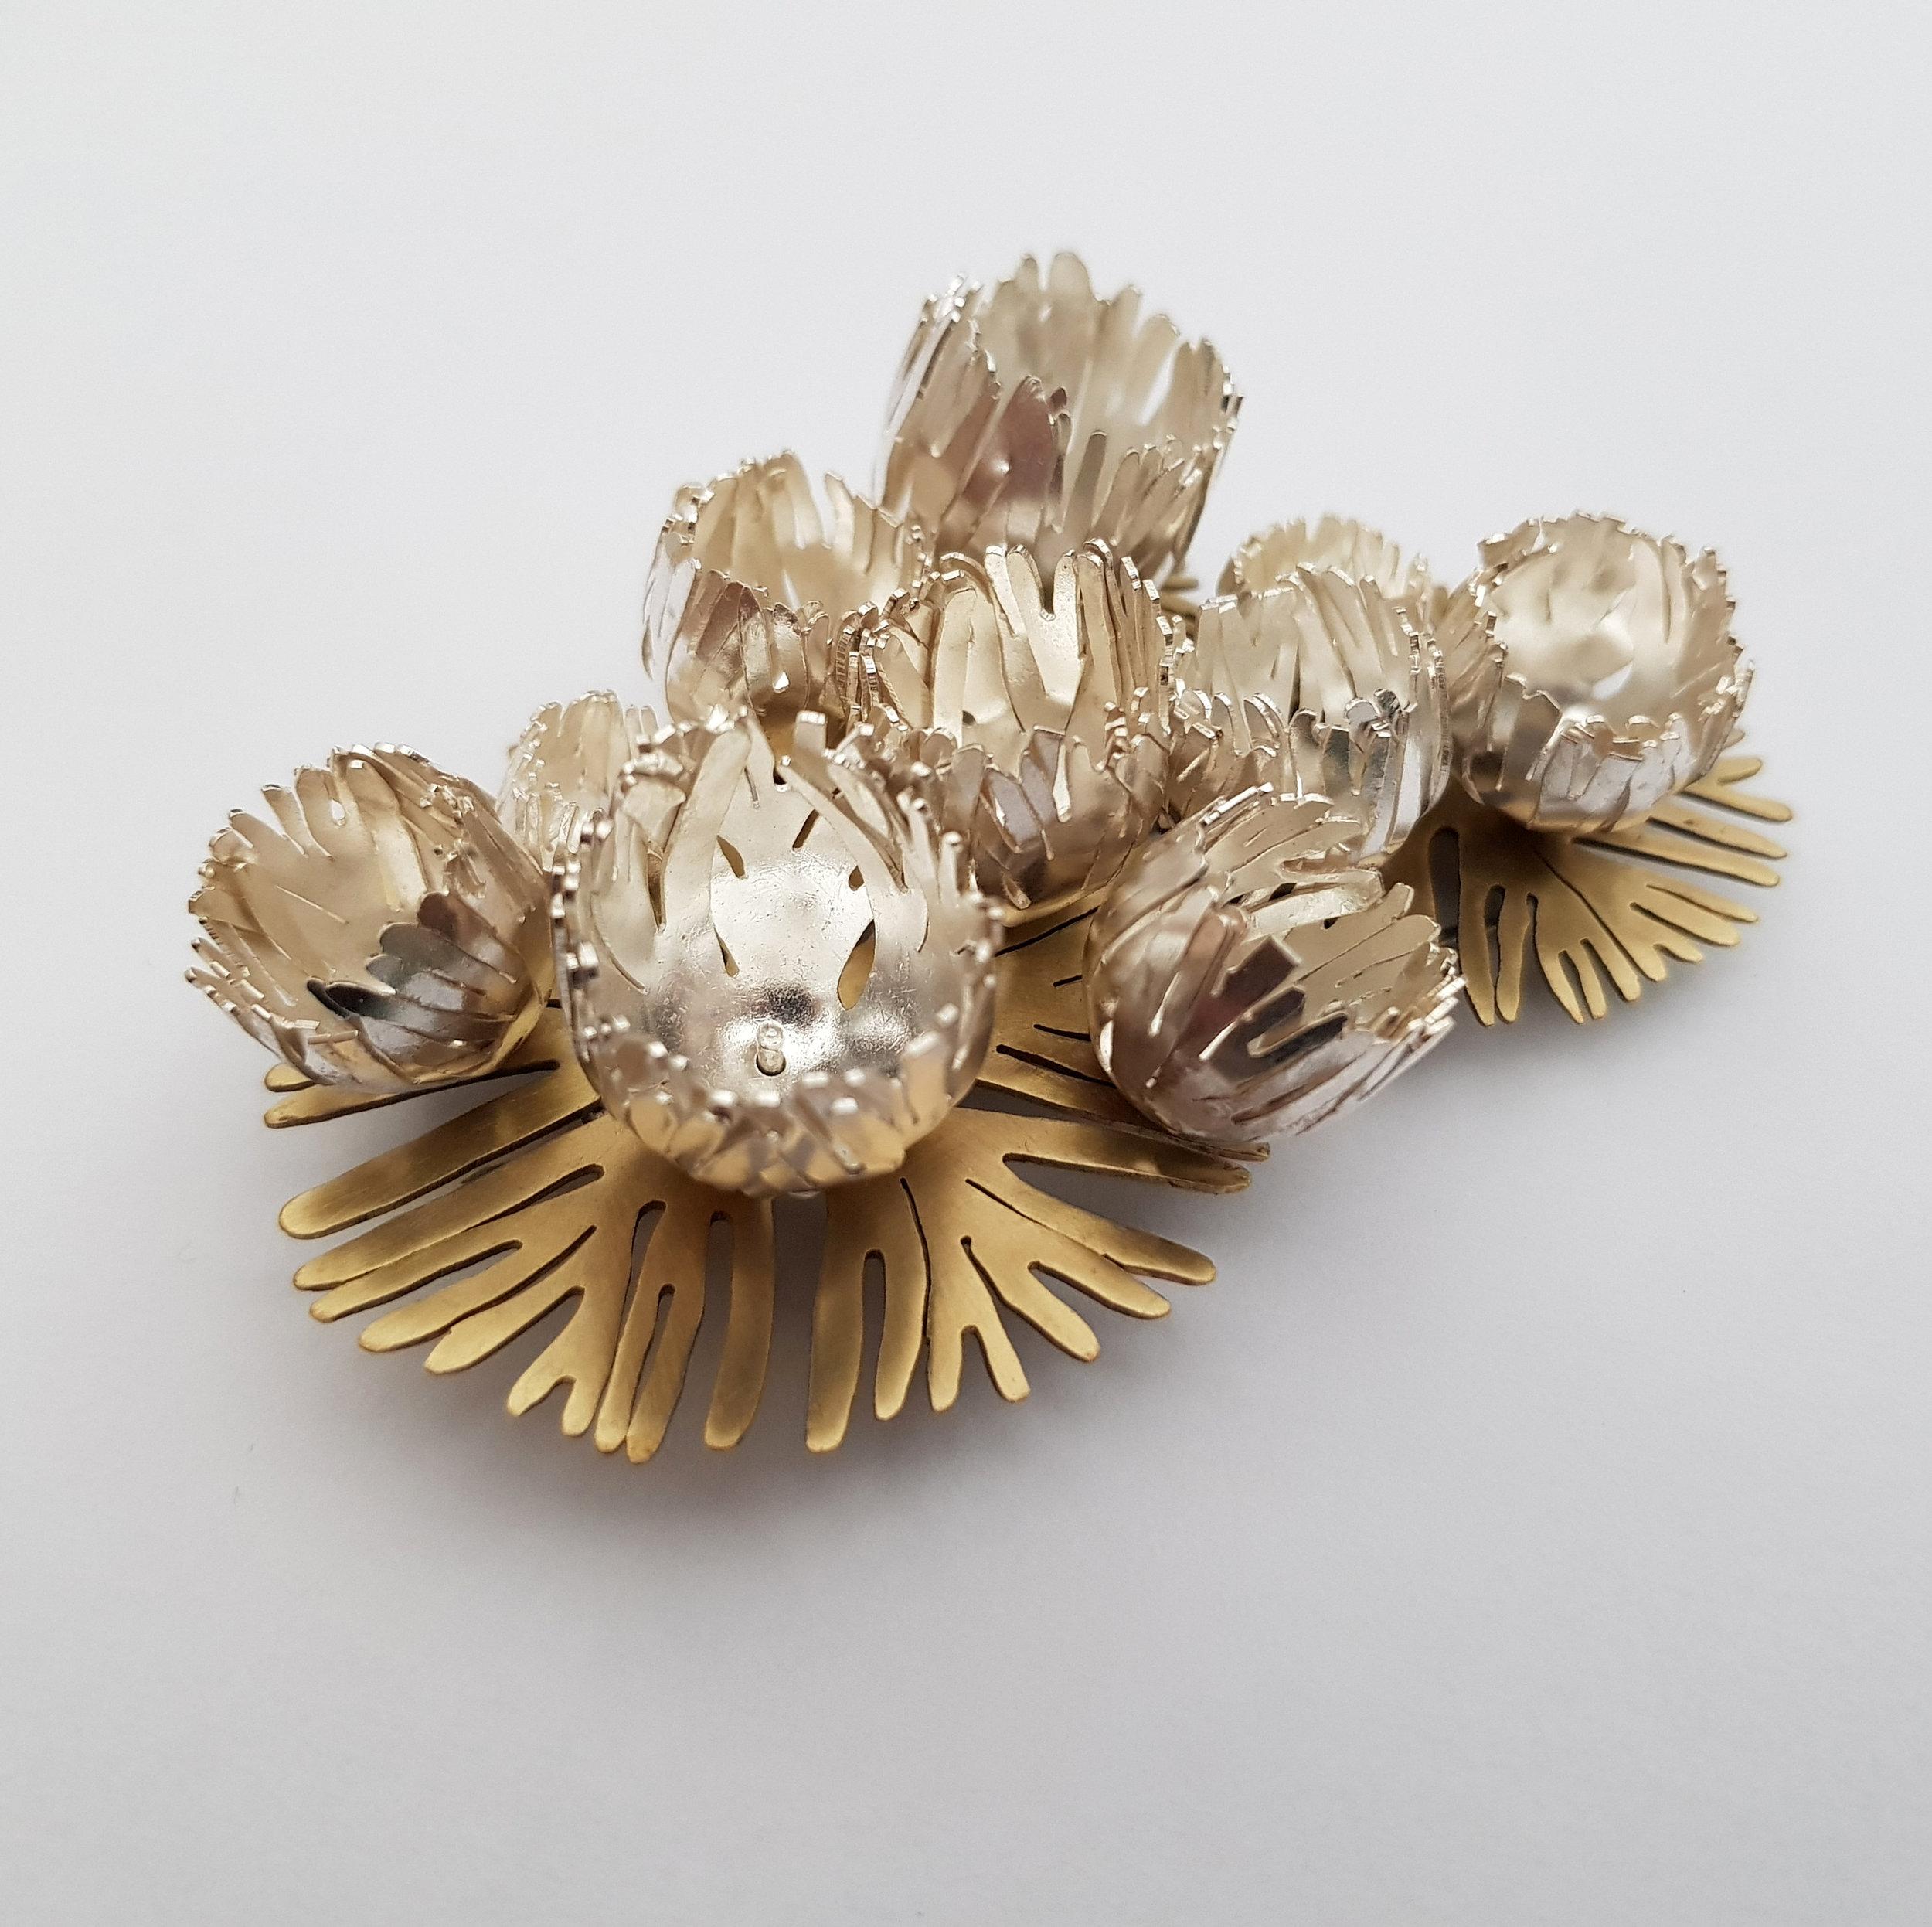 Brooch - Brass / Sterling Silver